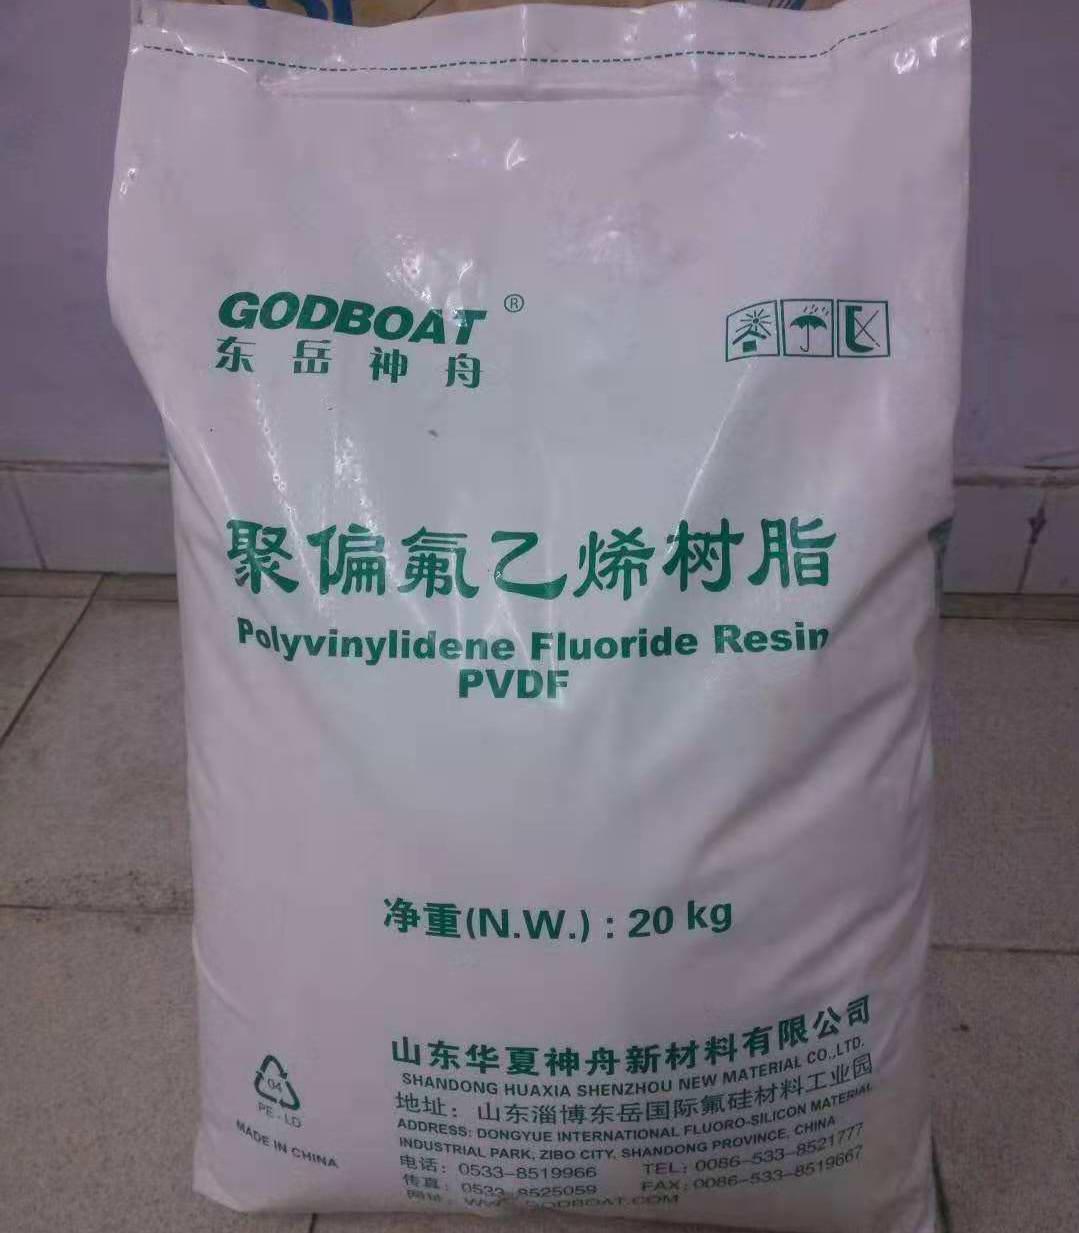 山東華夏神舟鋰電池電極粘接劑用PVDF氟樹脂DS202/DS202B